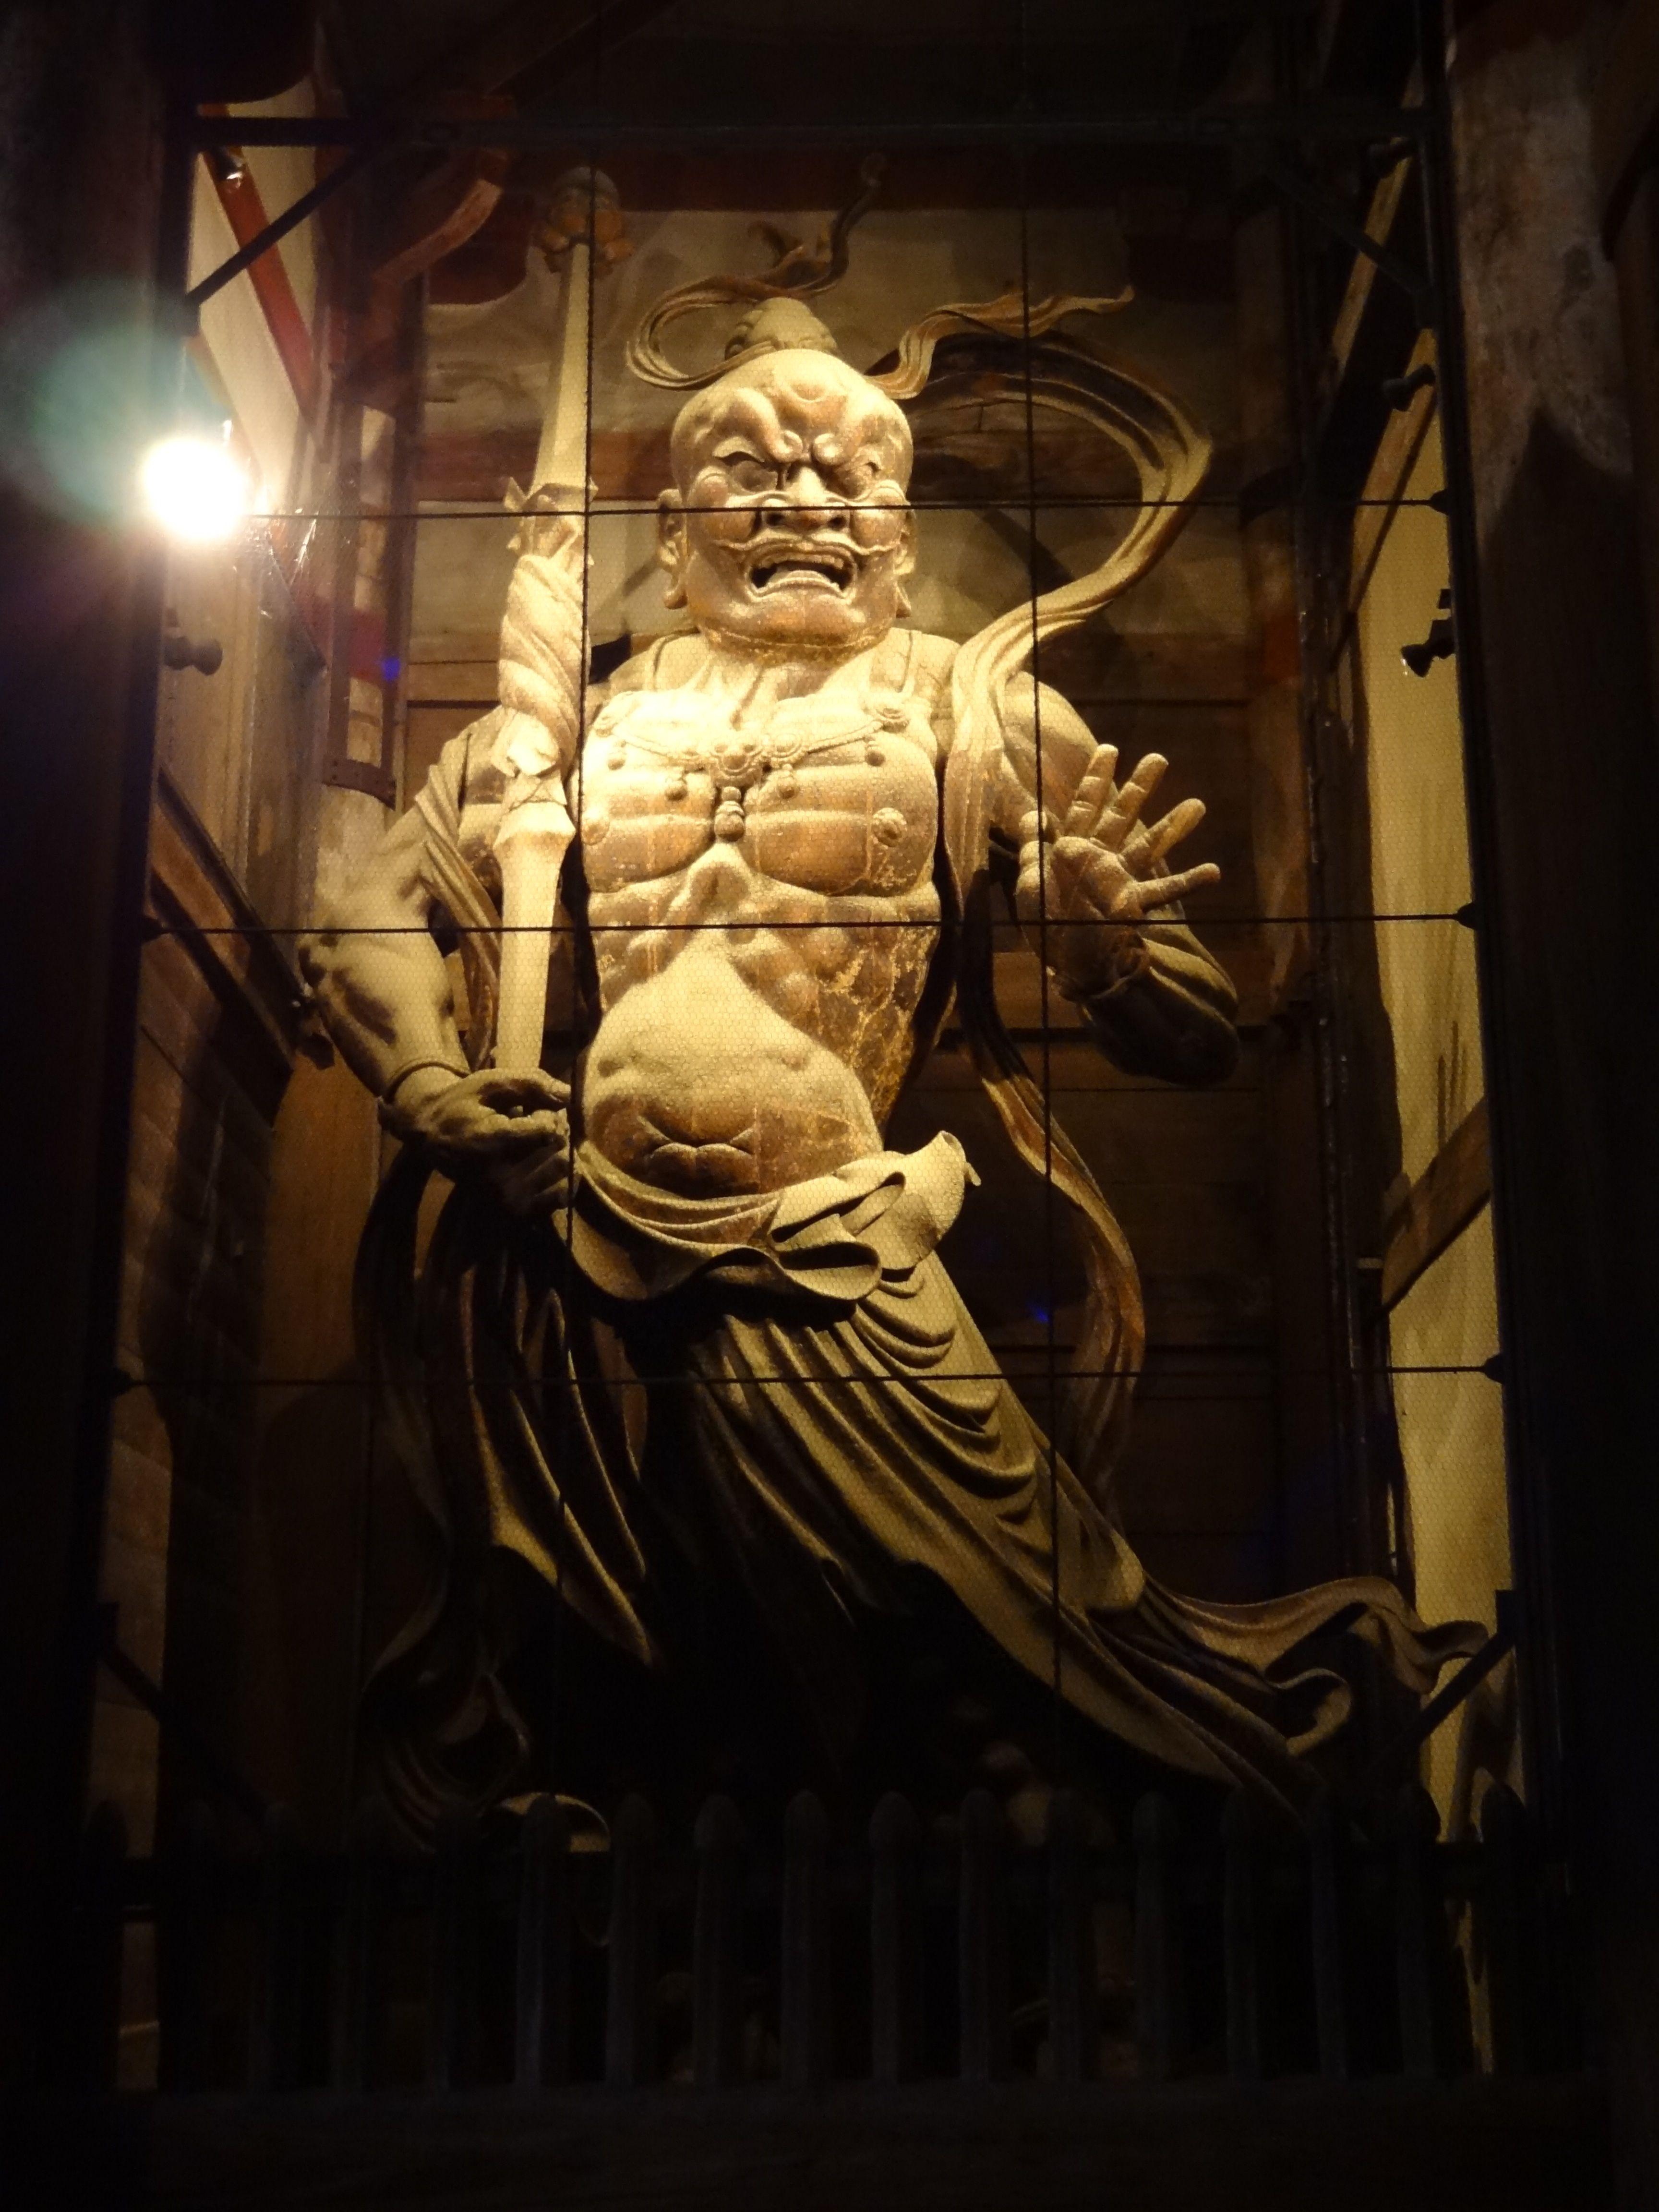 金剛力士像とは?大きさや特徴、材質に ...